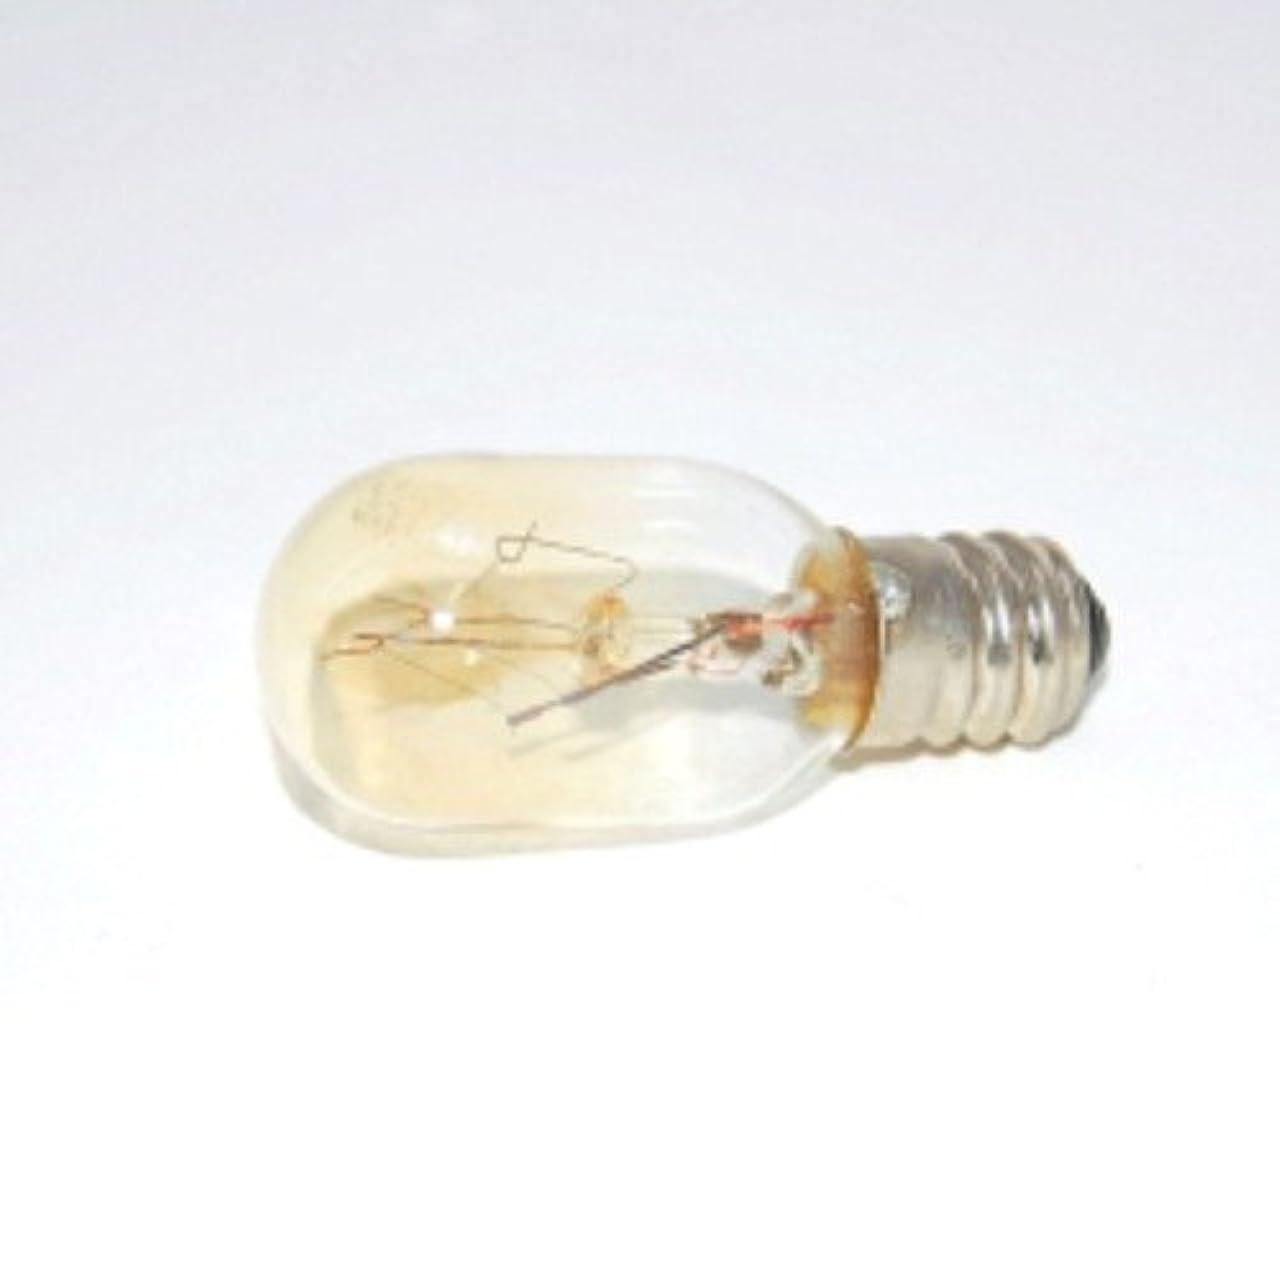 飢えたロマンス金銭的なアロマライト 替用 15W電球 クリア 1個